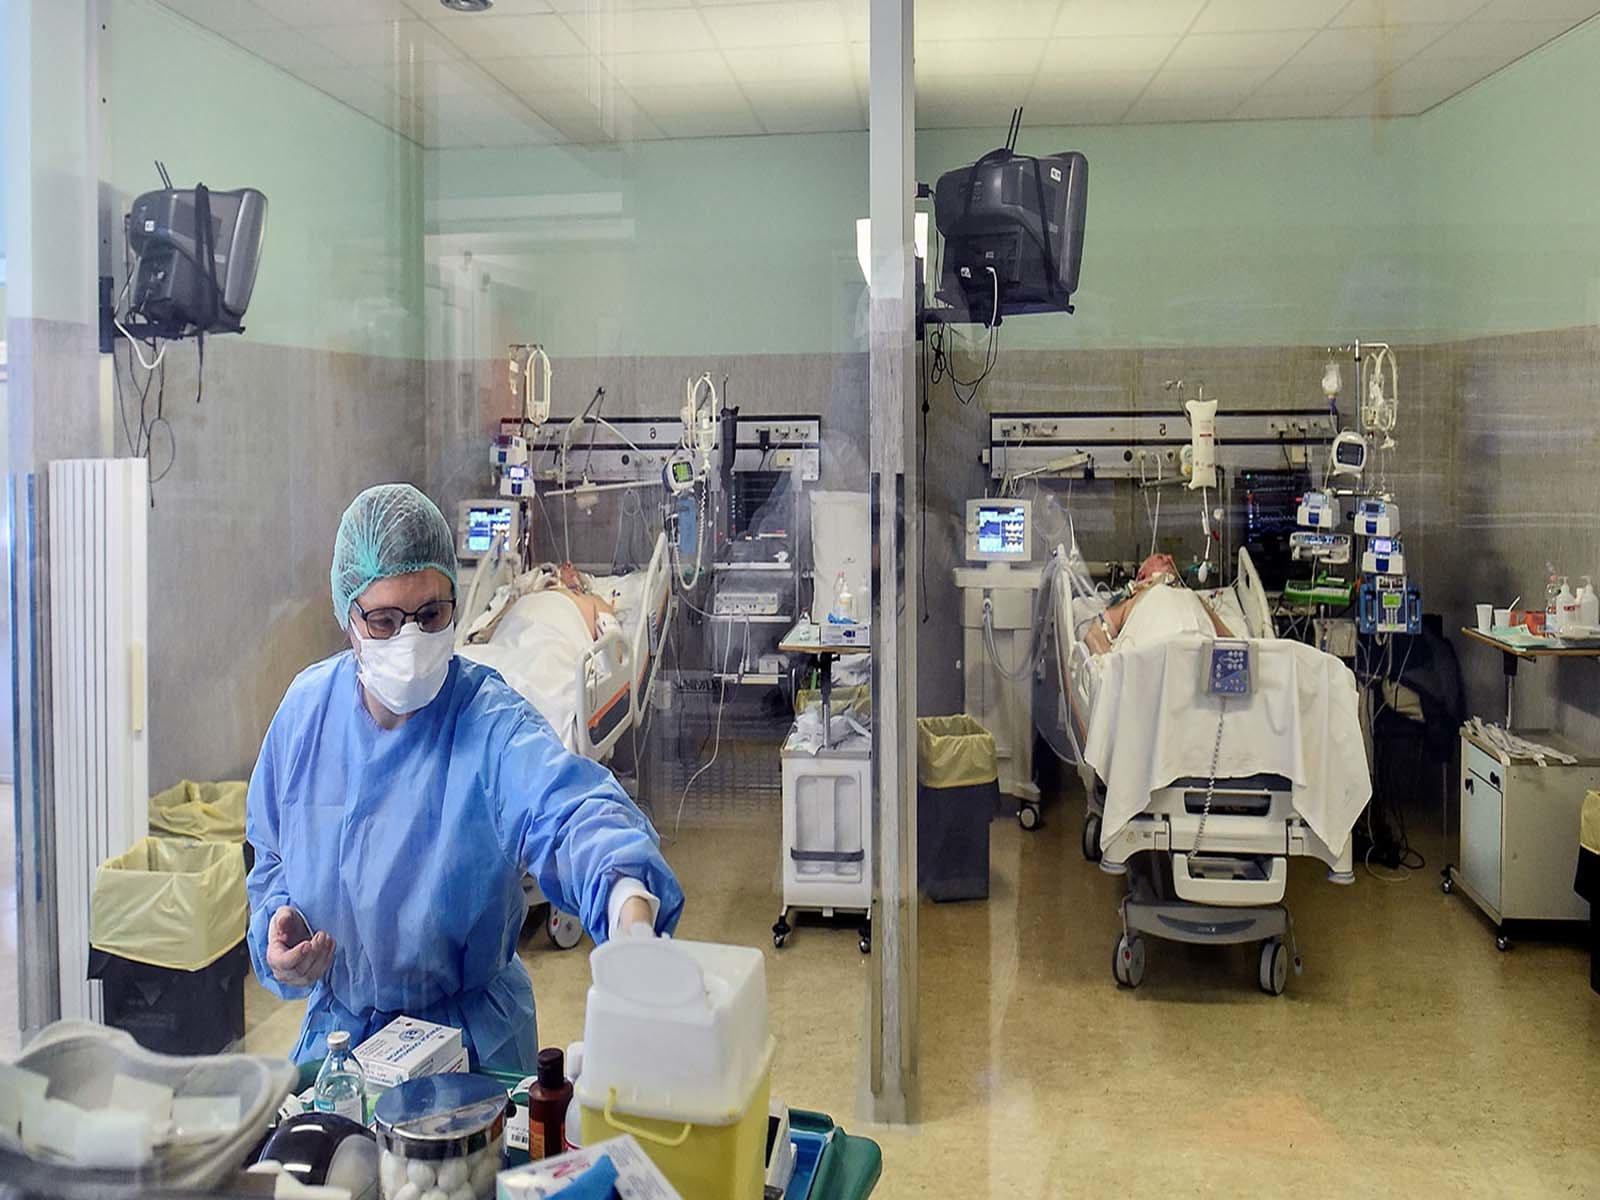 Снос госпиталя для больных коронавирусом в Ухане